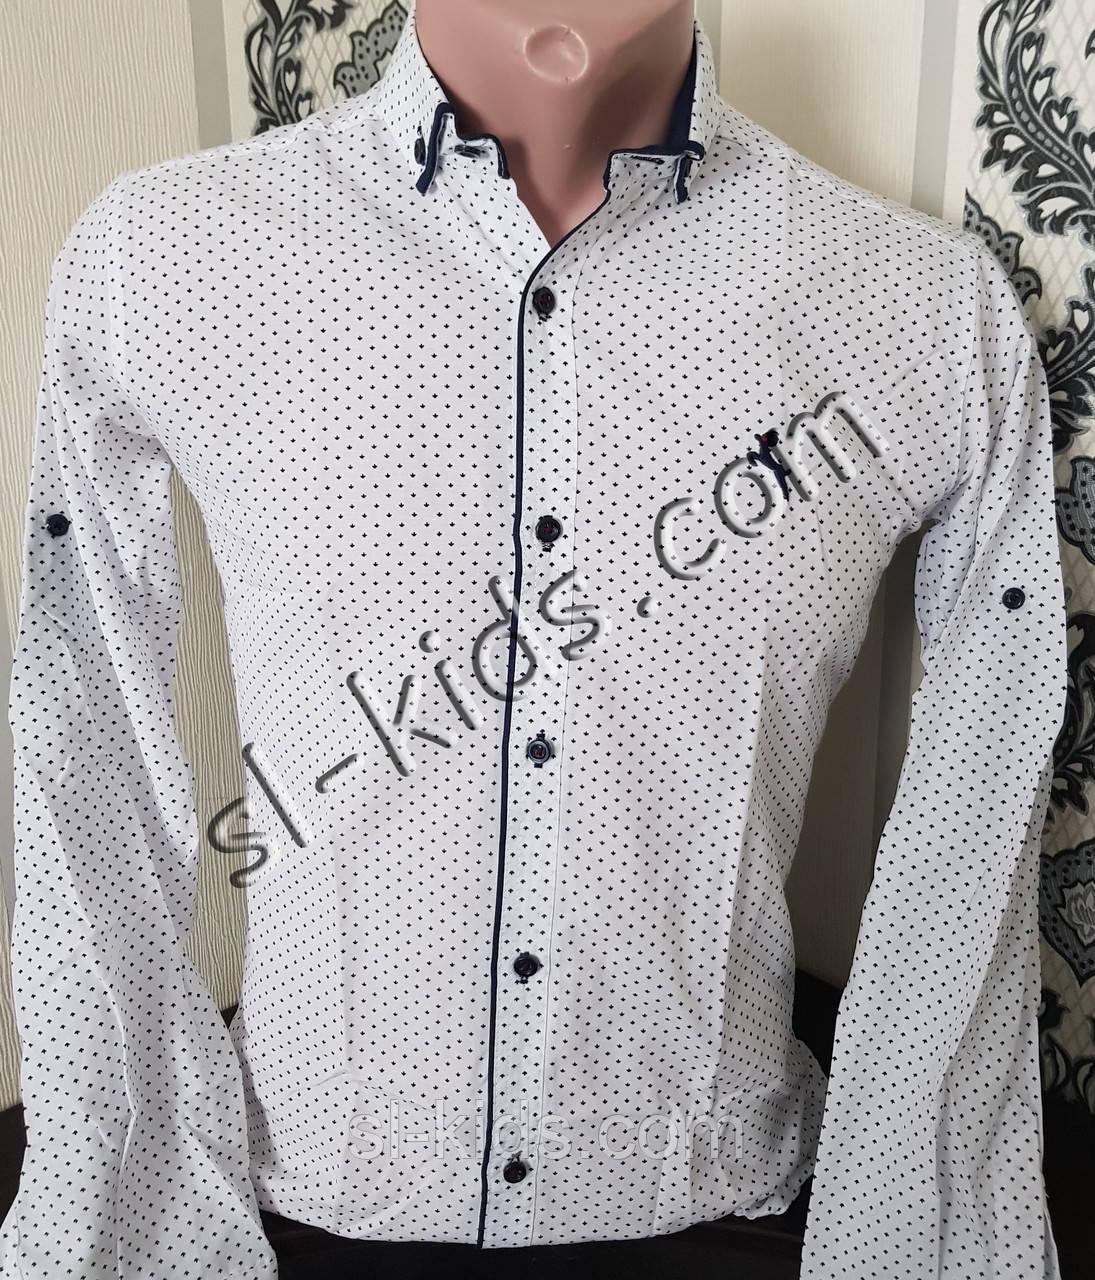 Стильна сорочка для хлопчика 11-15 років(роздр) (біла 01) (пр. Туреччина)